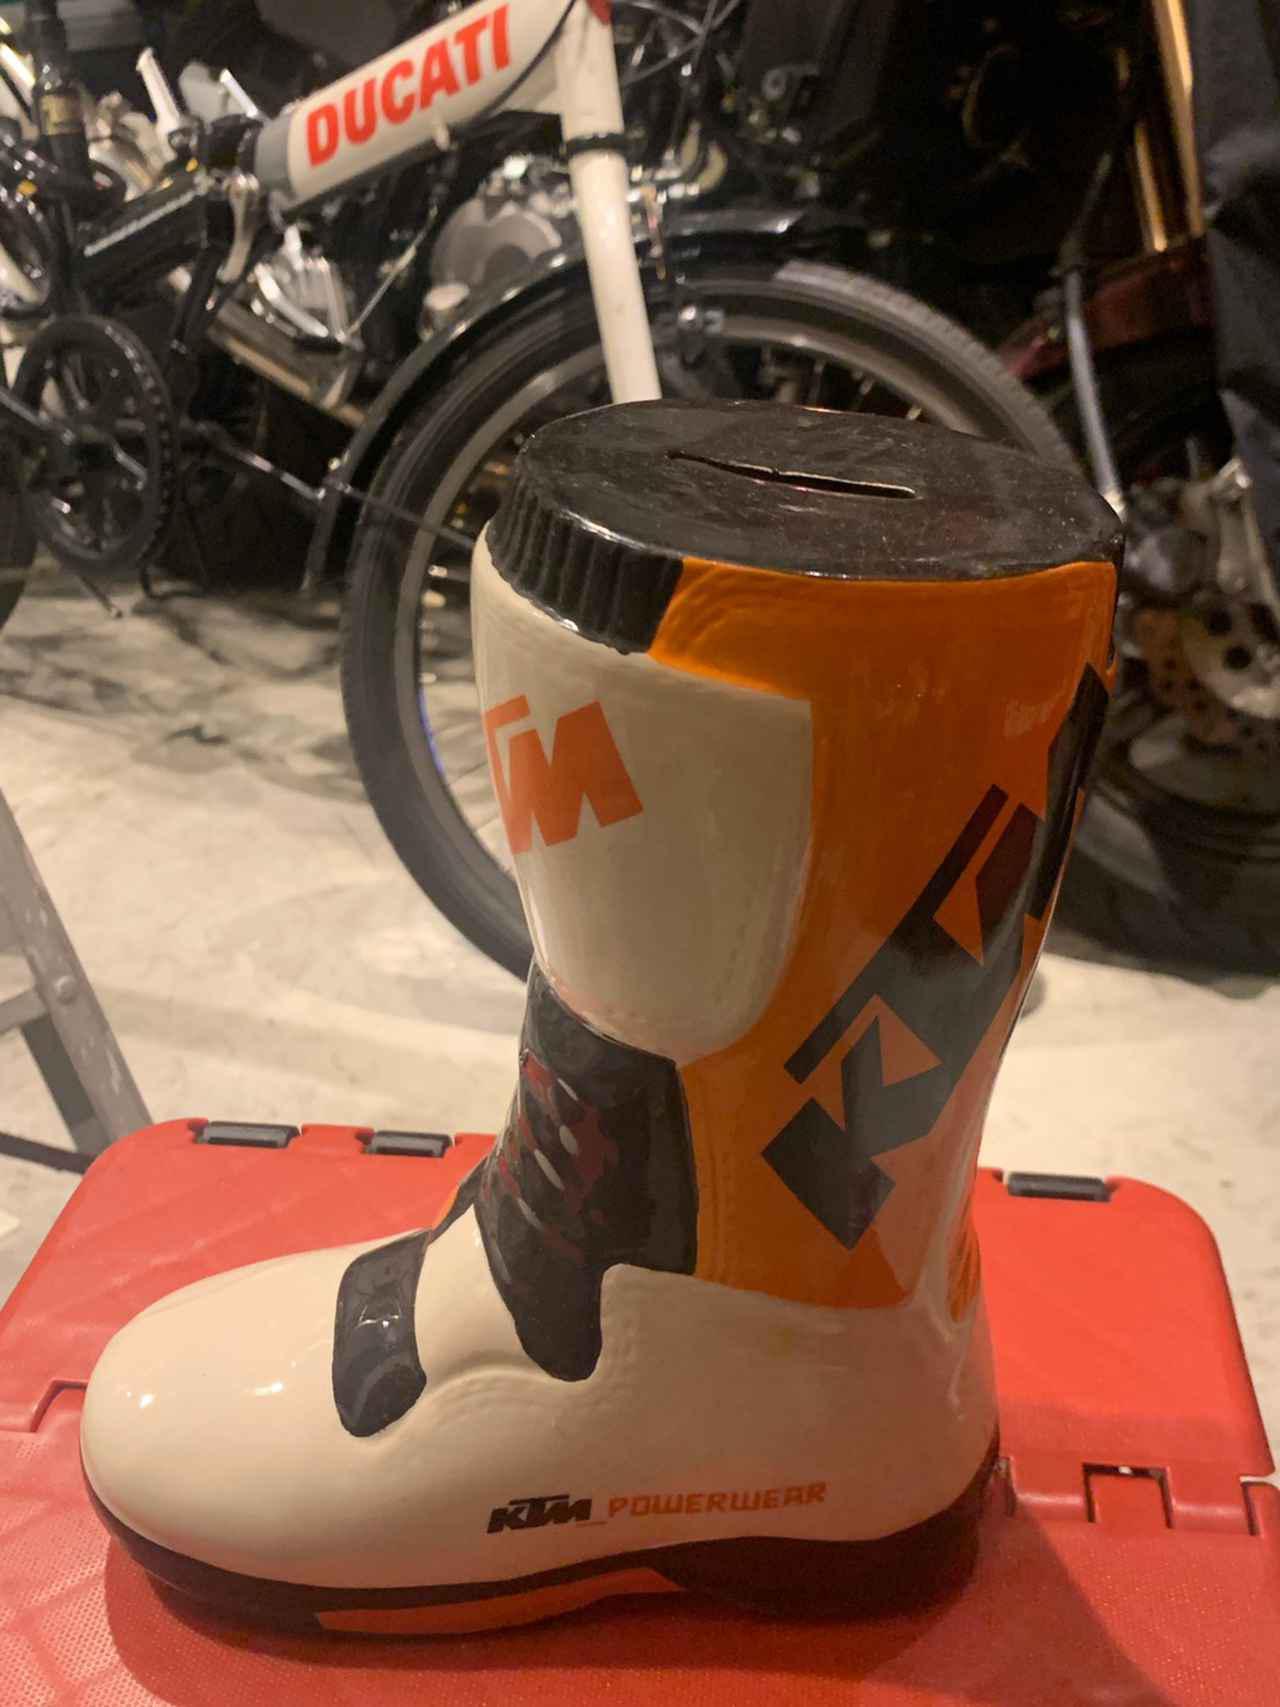 画像10: バイクメーカーの純正グッズに注目! 福山理子がお気に入りのアイテムを紹介します